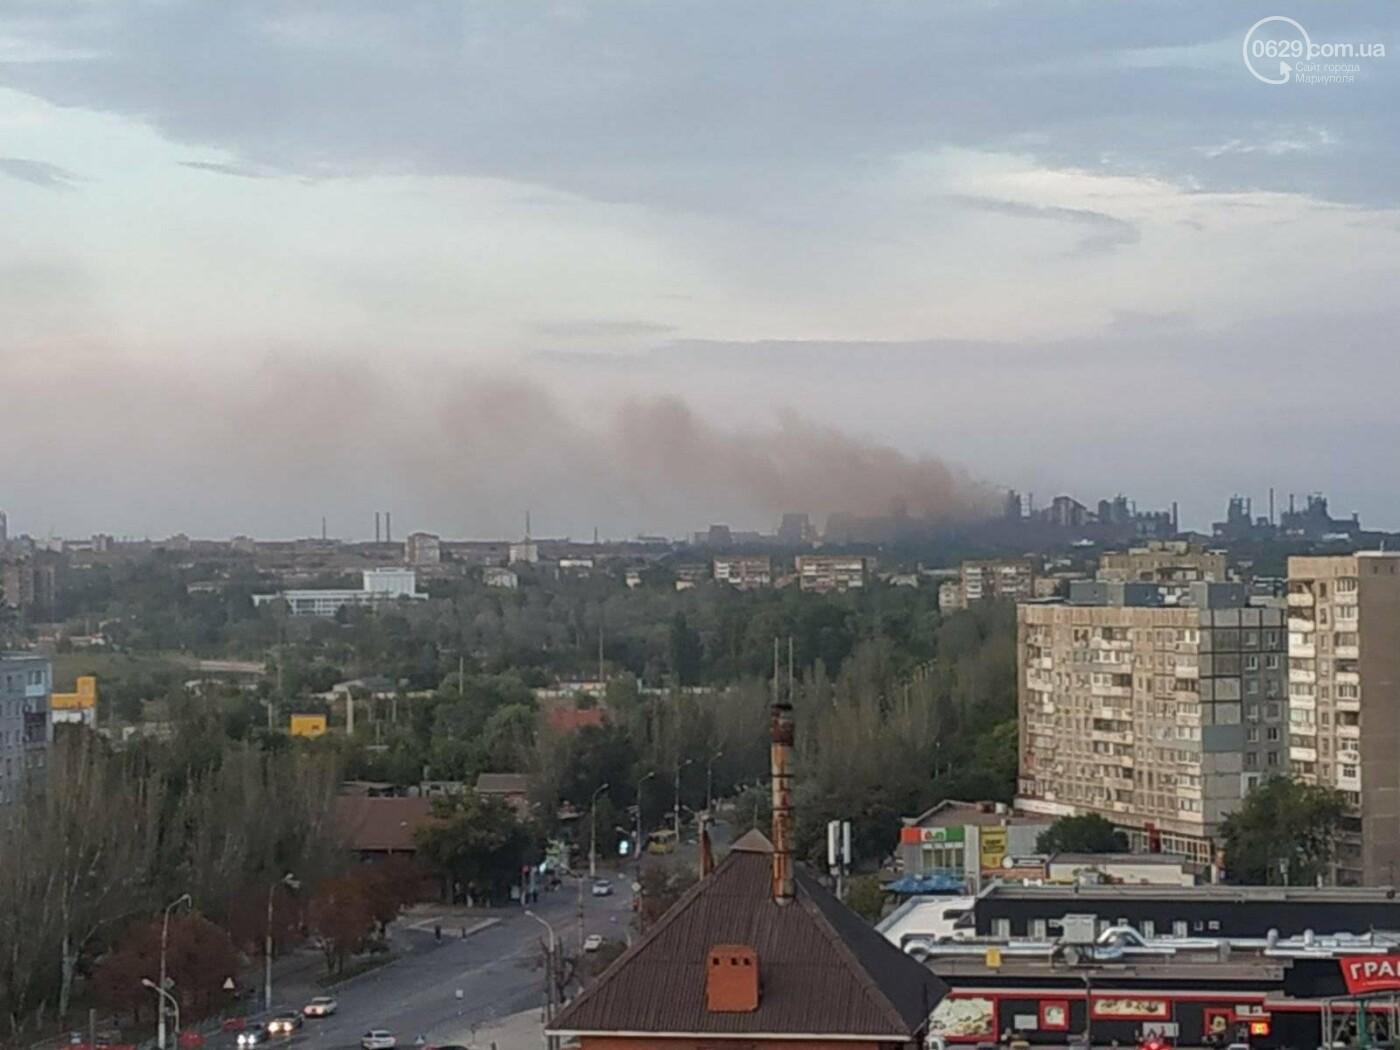 Мариуполь задыхался в смоге. Метинвест: «Позаштатних ситуацій не відбувалось», - ФОТО, фото-4